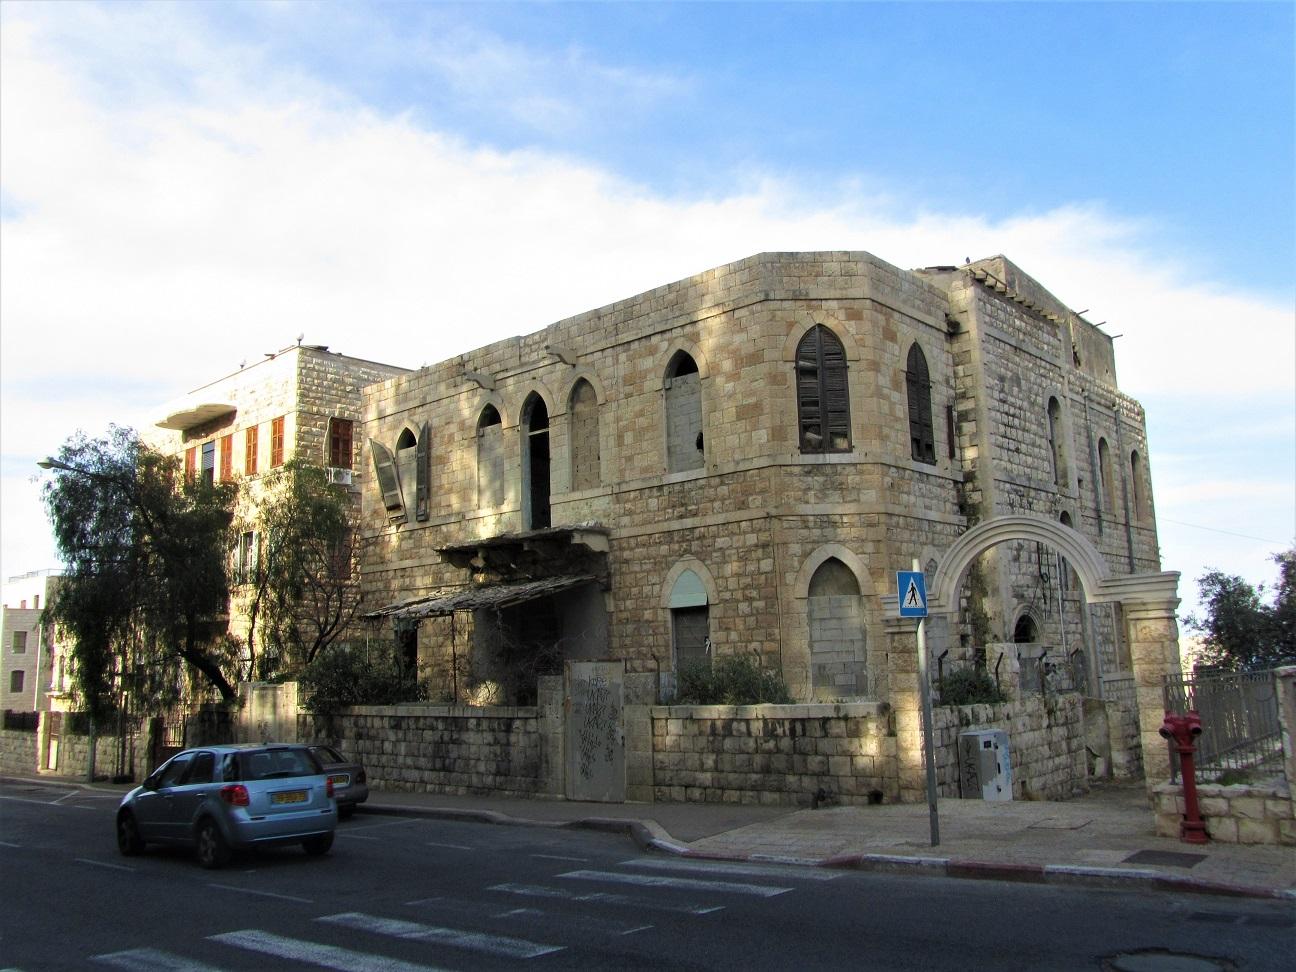 עיור ומודרניזציה בחיפה העותמאנית